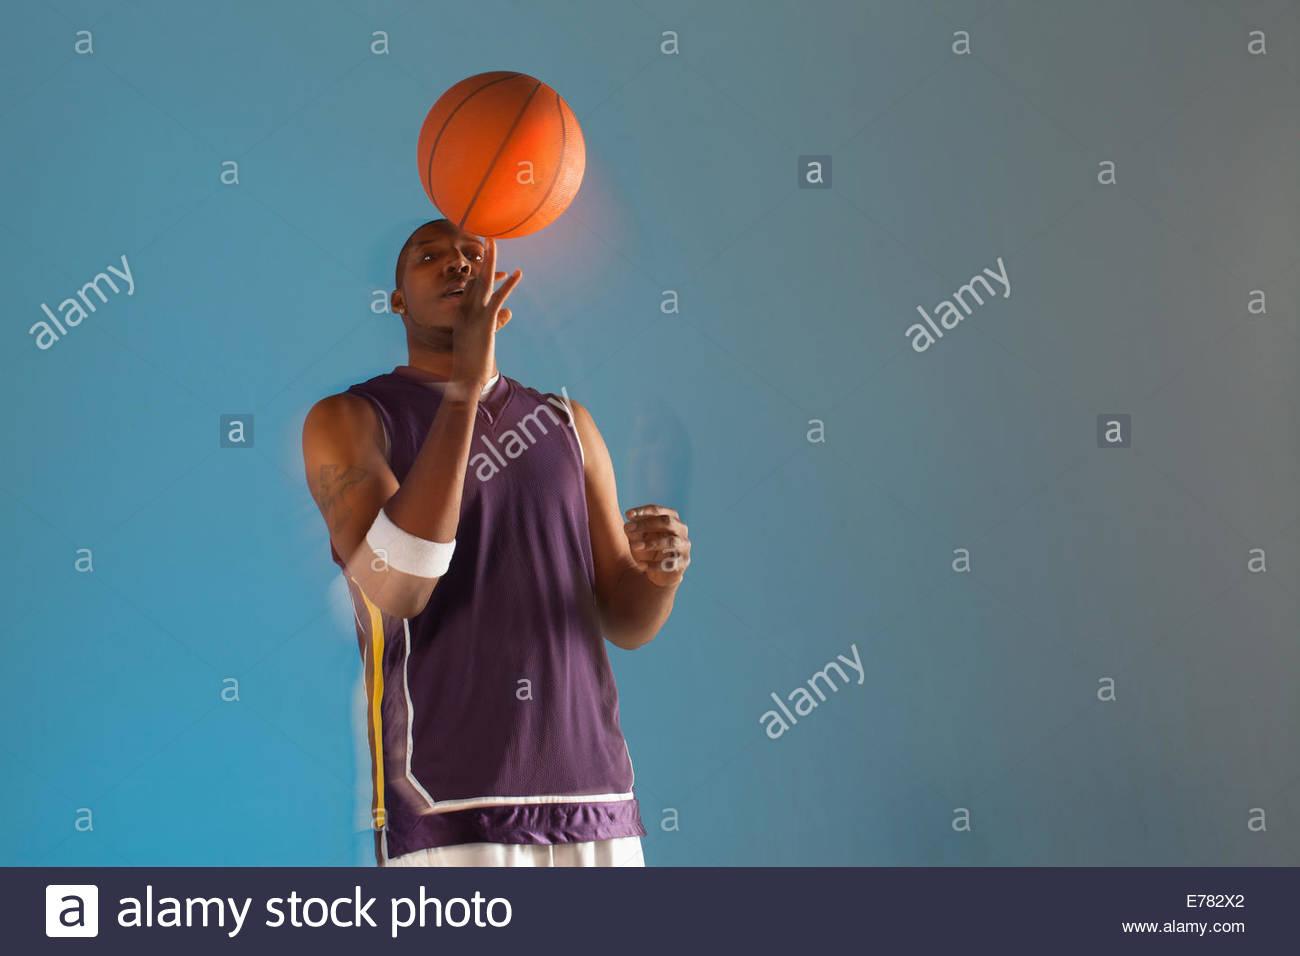 L'équilibrage de joueur de basket-ball ball sur un doigt Photo Stock